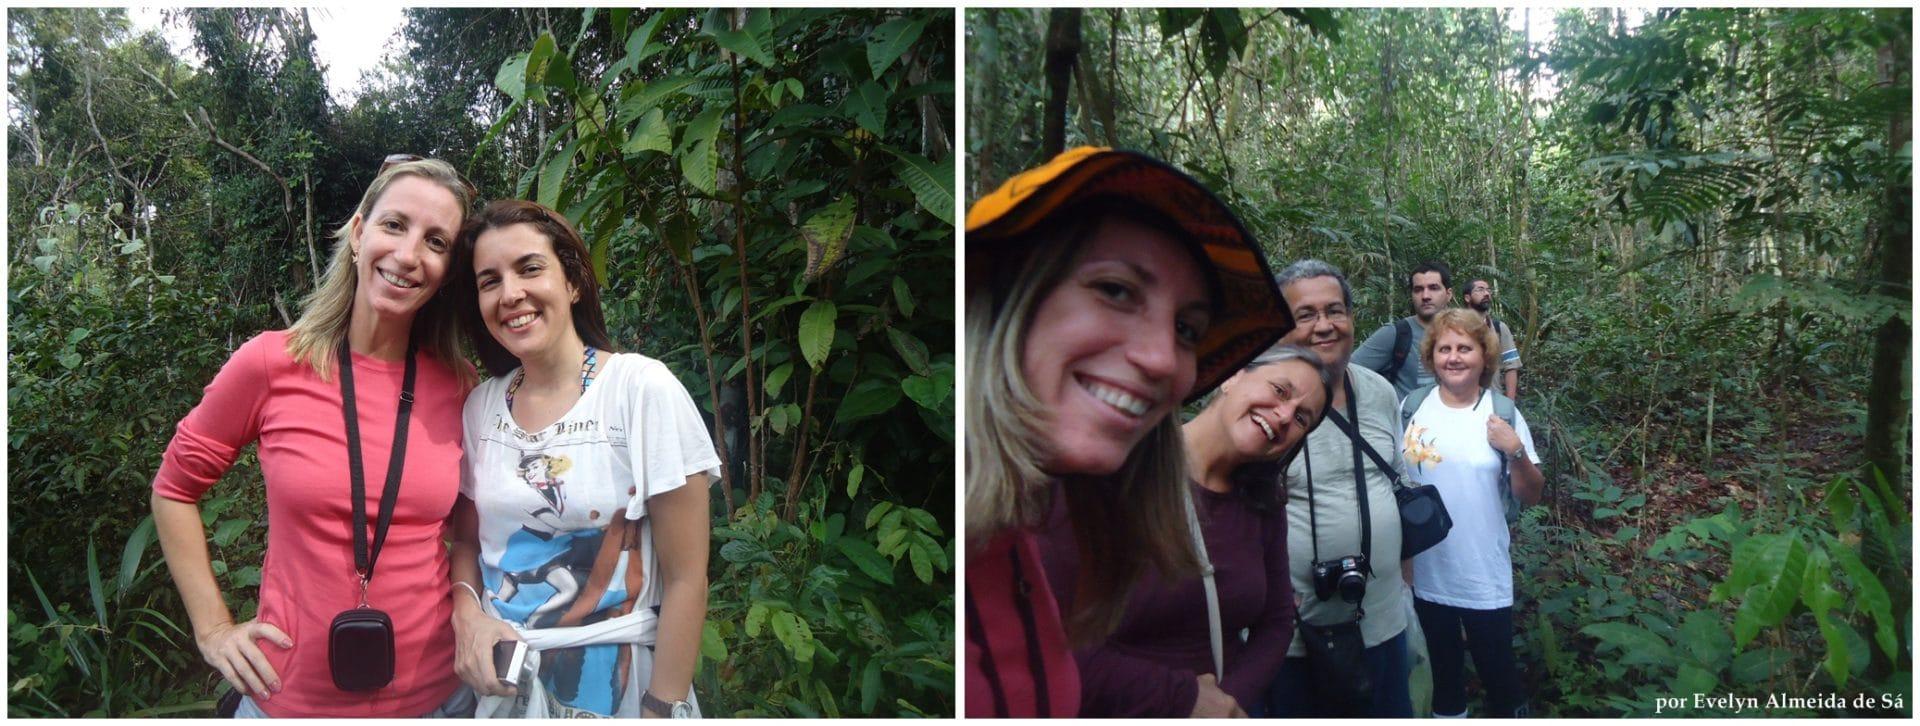 Evelyn 1 - Roteiro Amazônia – dia 2